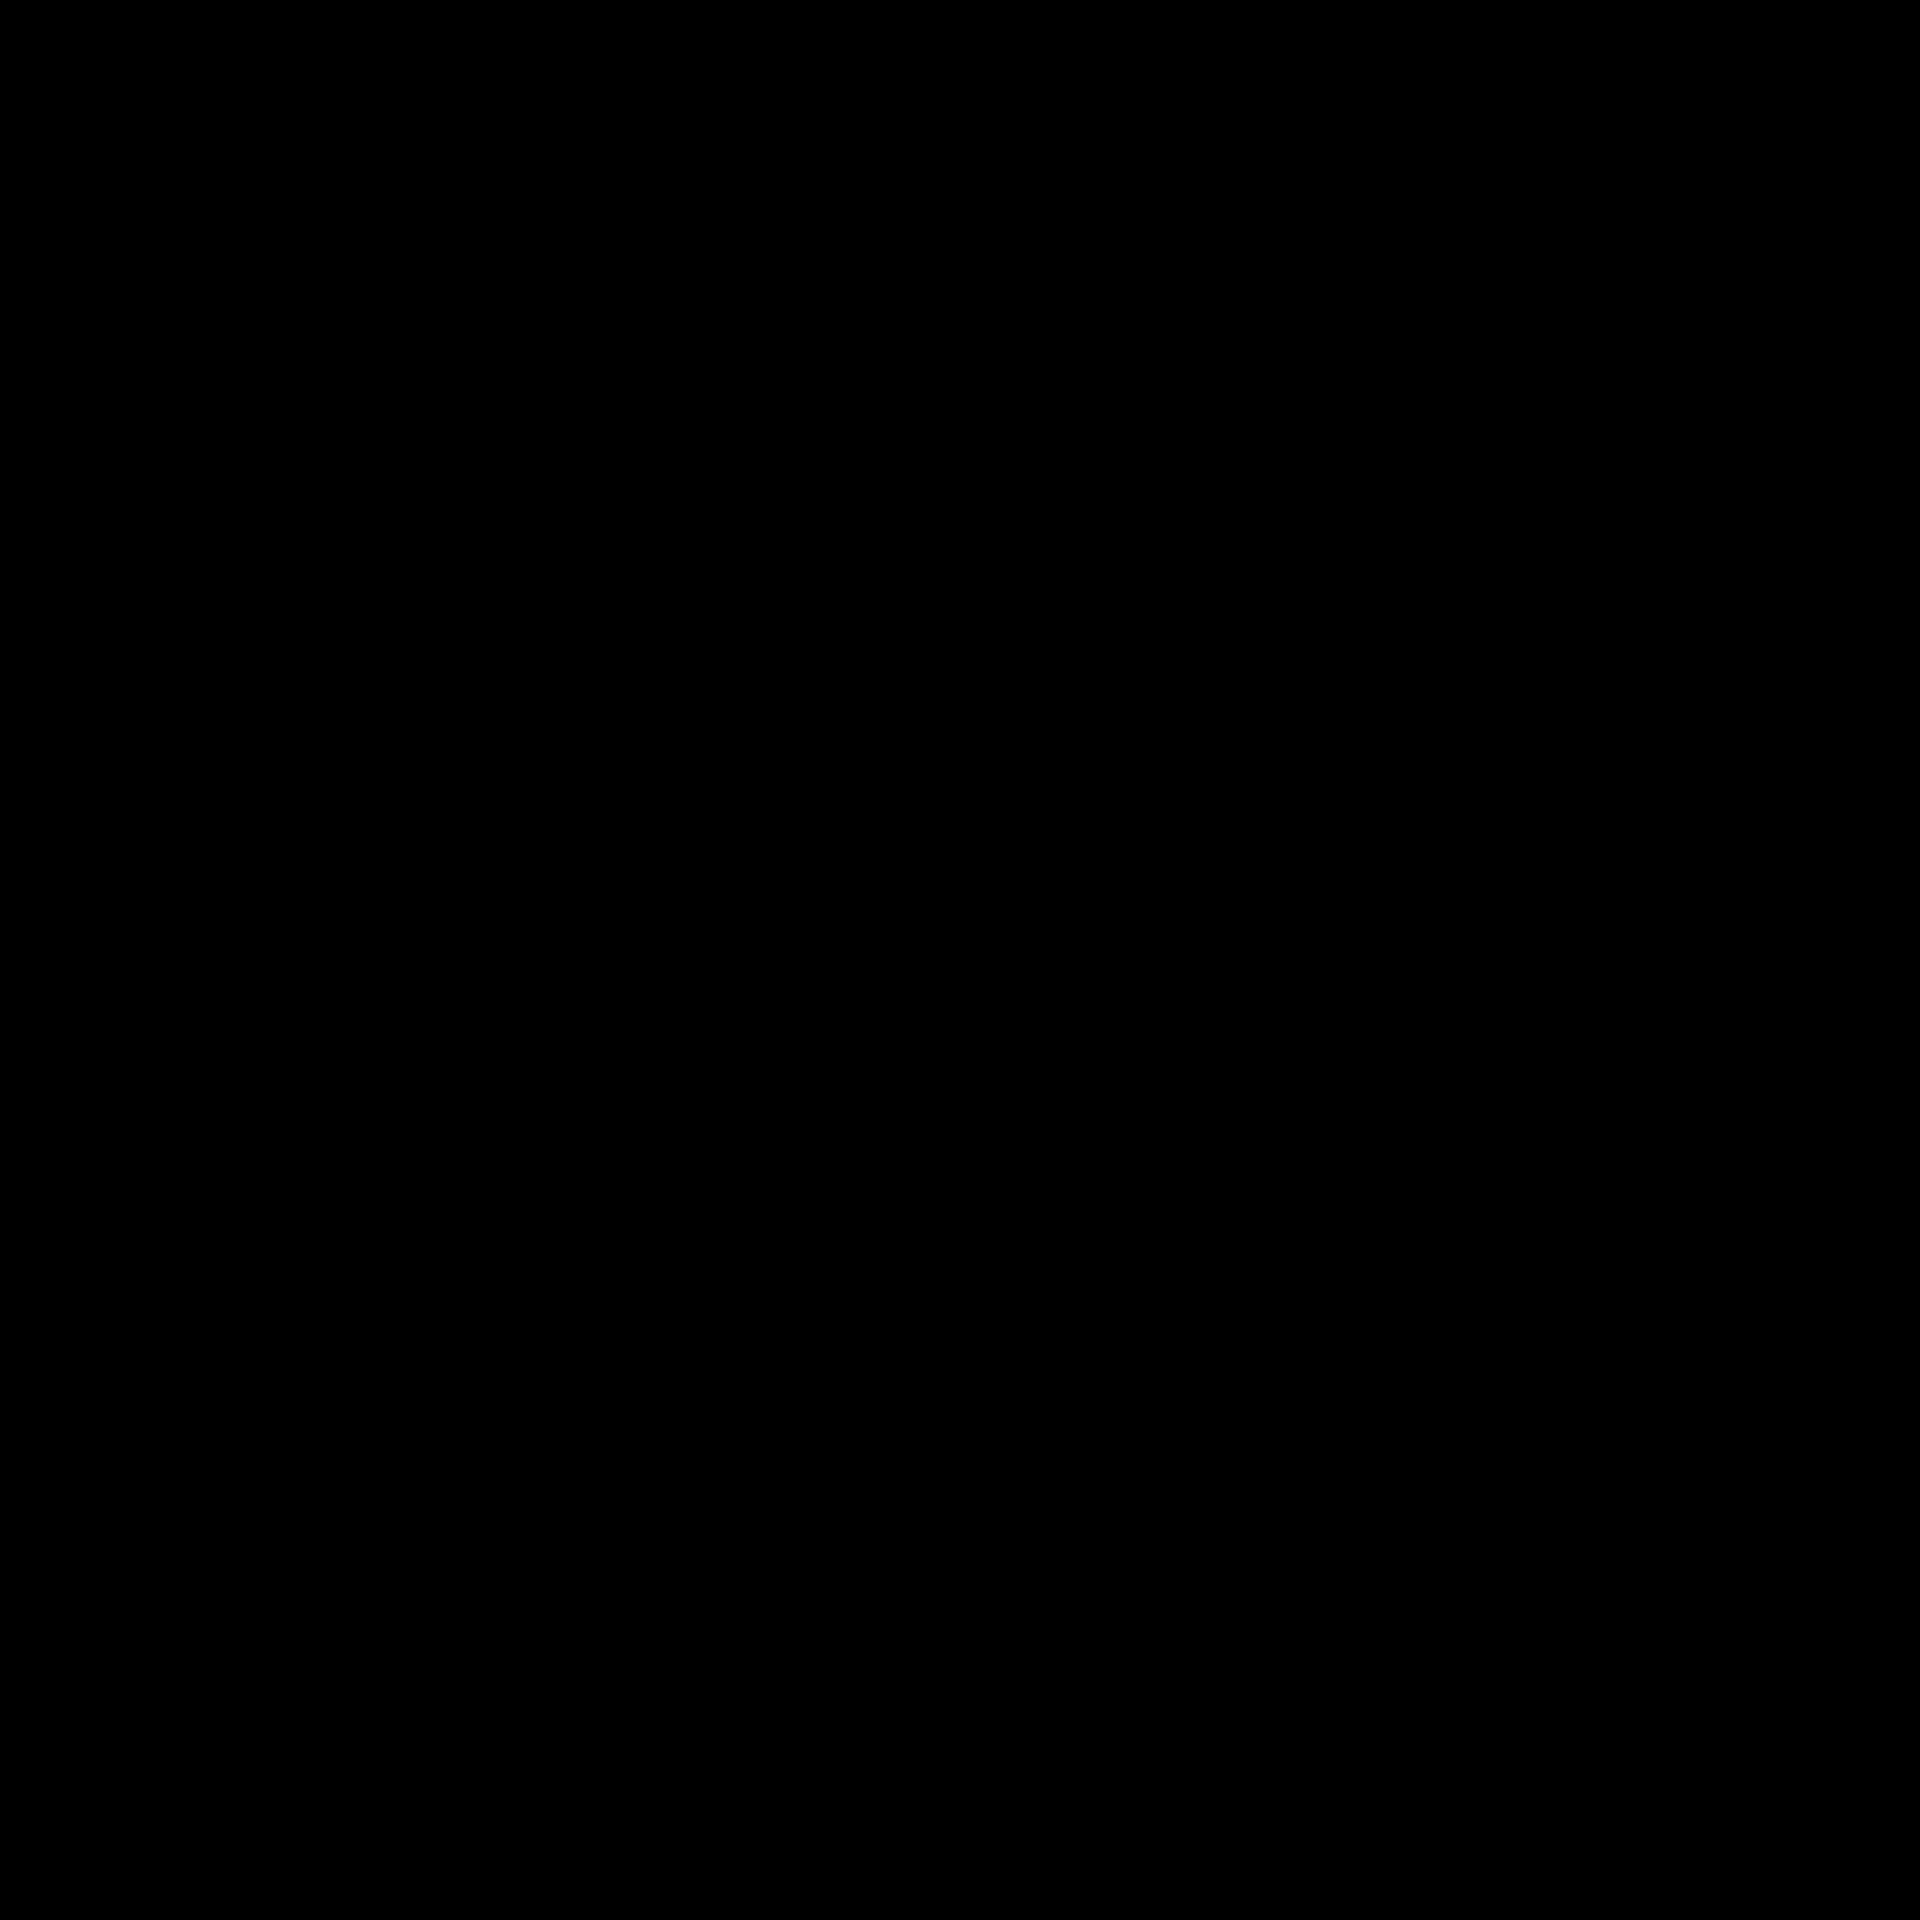 义乌首诺针织有限公司logo